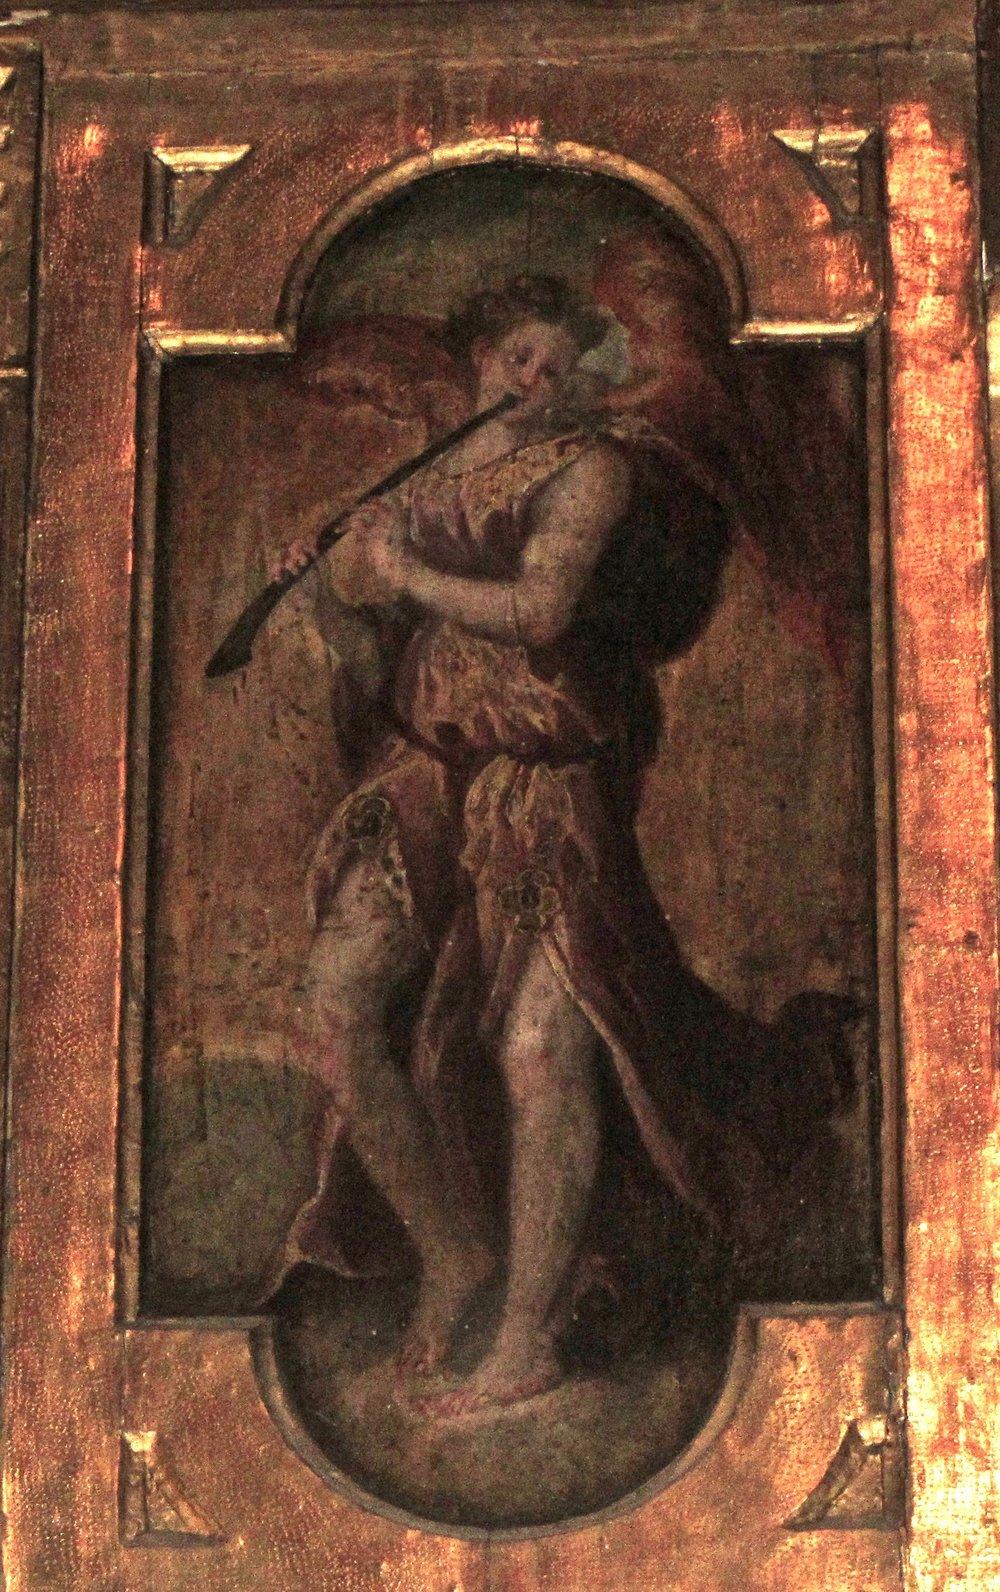 Decoration on the organ cantoria of the Chiesa dei Celestini in Bologna.